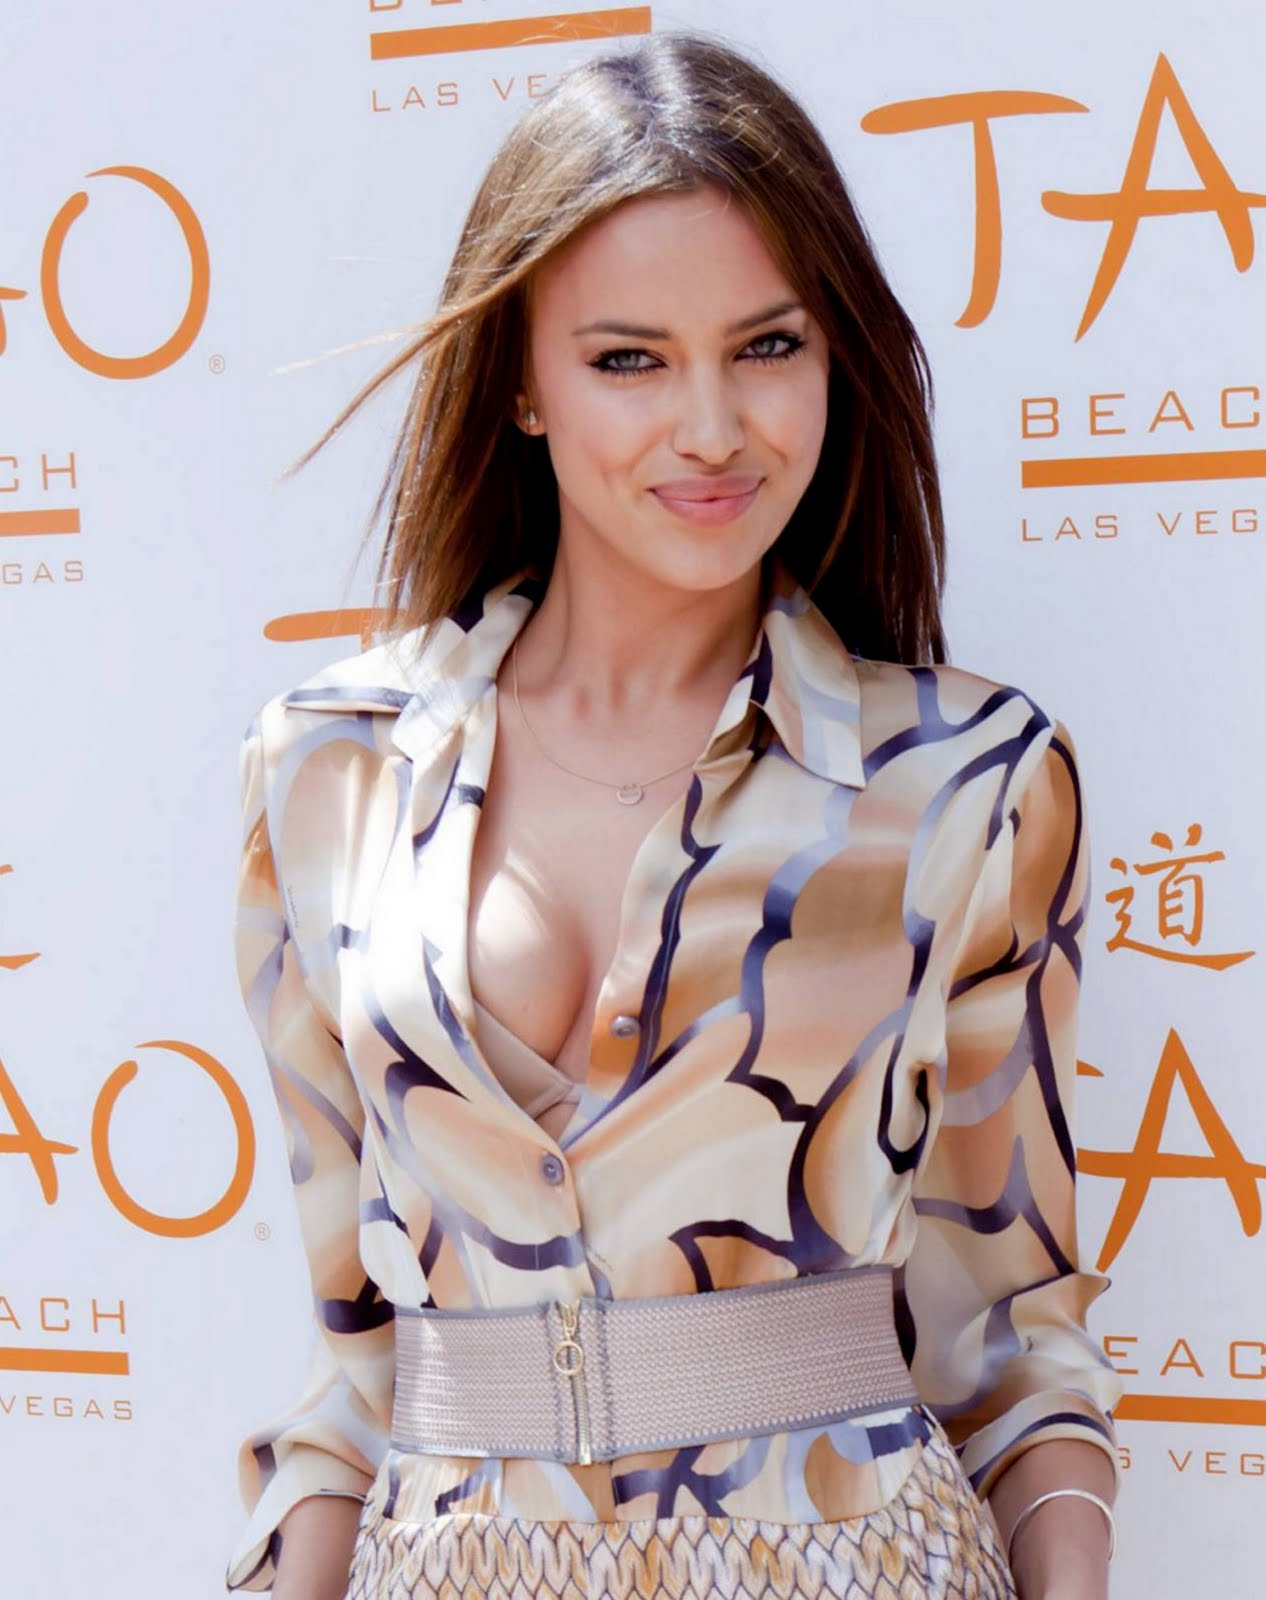 http://4.bp.blogspot.com/-IGsuu2wTPvM/TaTjRUKaG6I/AAAAAAAAL-o/qlK06CmO7js/s1600/Irina+Shayk+%2528The+Conspirator+Premiere+%2526+TAO+Beach+Season+Opening%252CNew+York%2529+HQ+%25286%2529.jpg